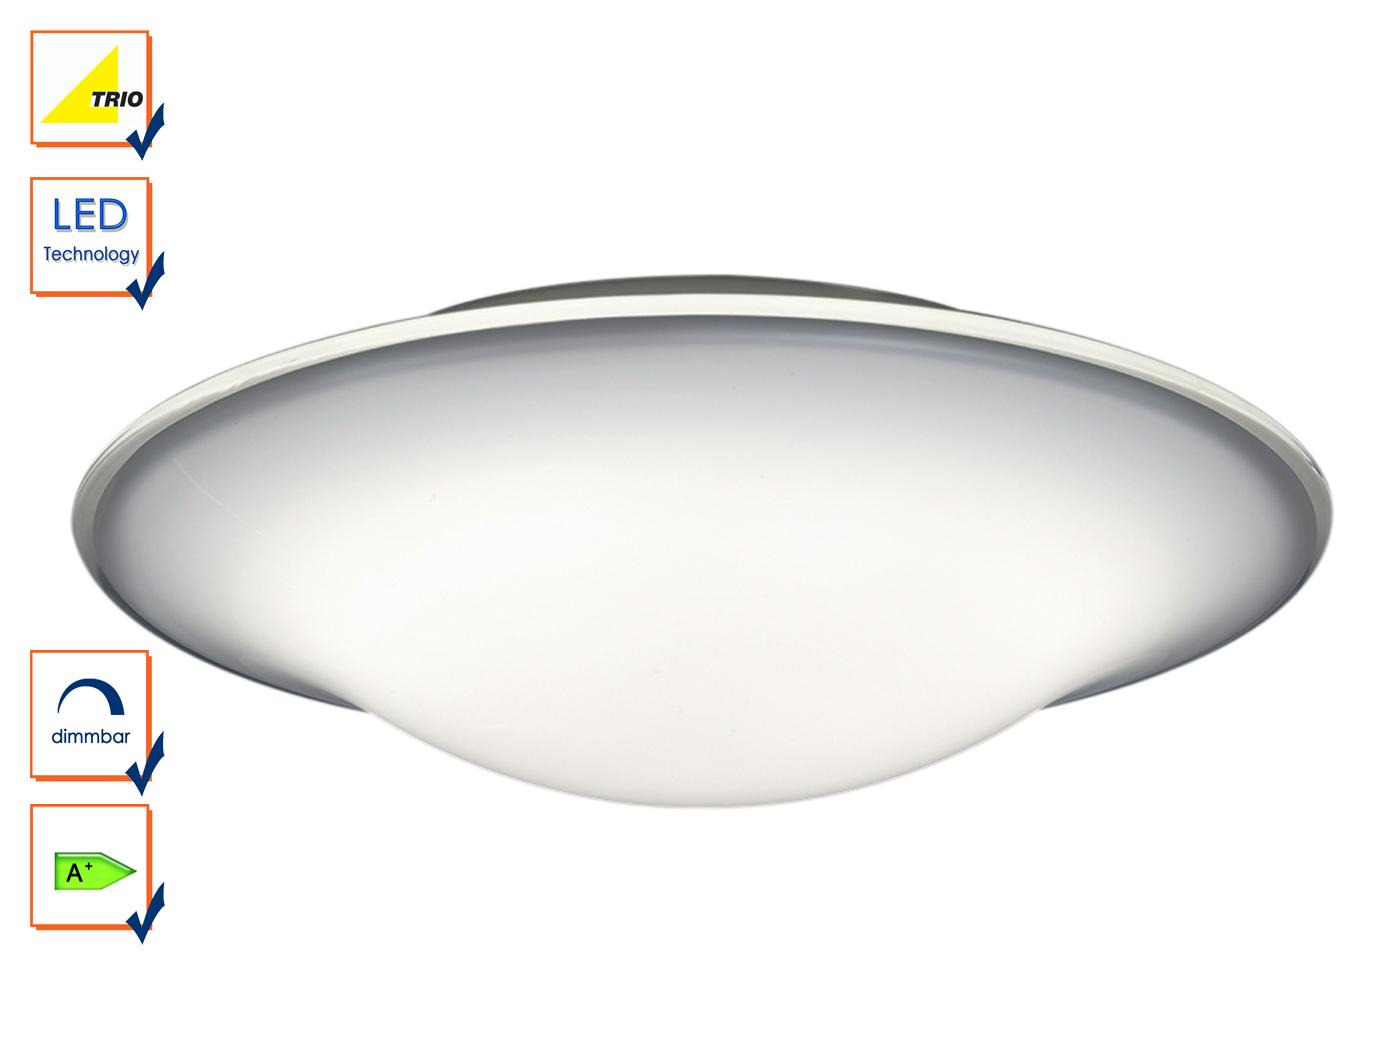 Astounding Deckenlampe Led Rund Galerie Von Das Bild Wird Geladen Led-deckenleuchte-deckenlampe-rund -45cm-dimmbar-weiss-design-